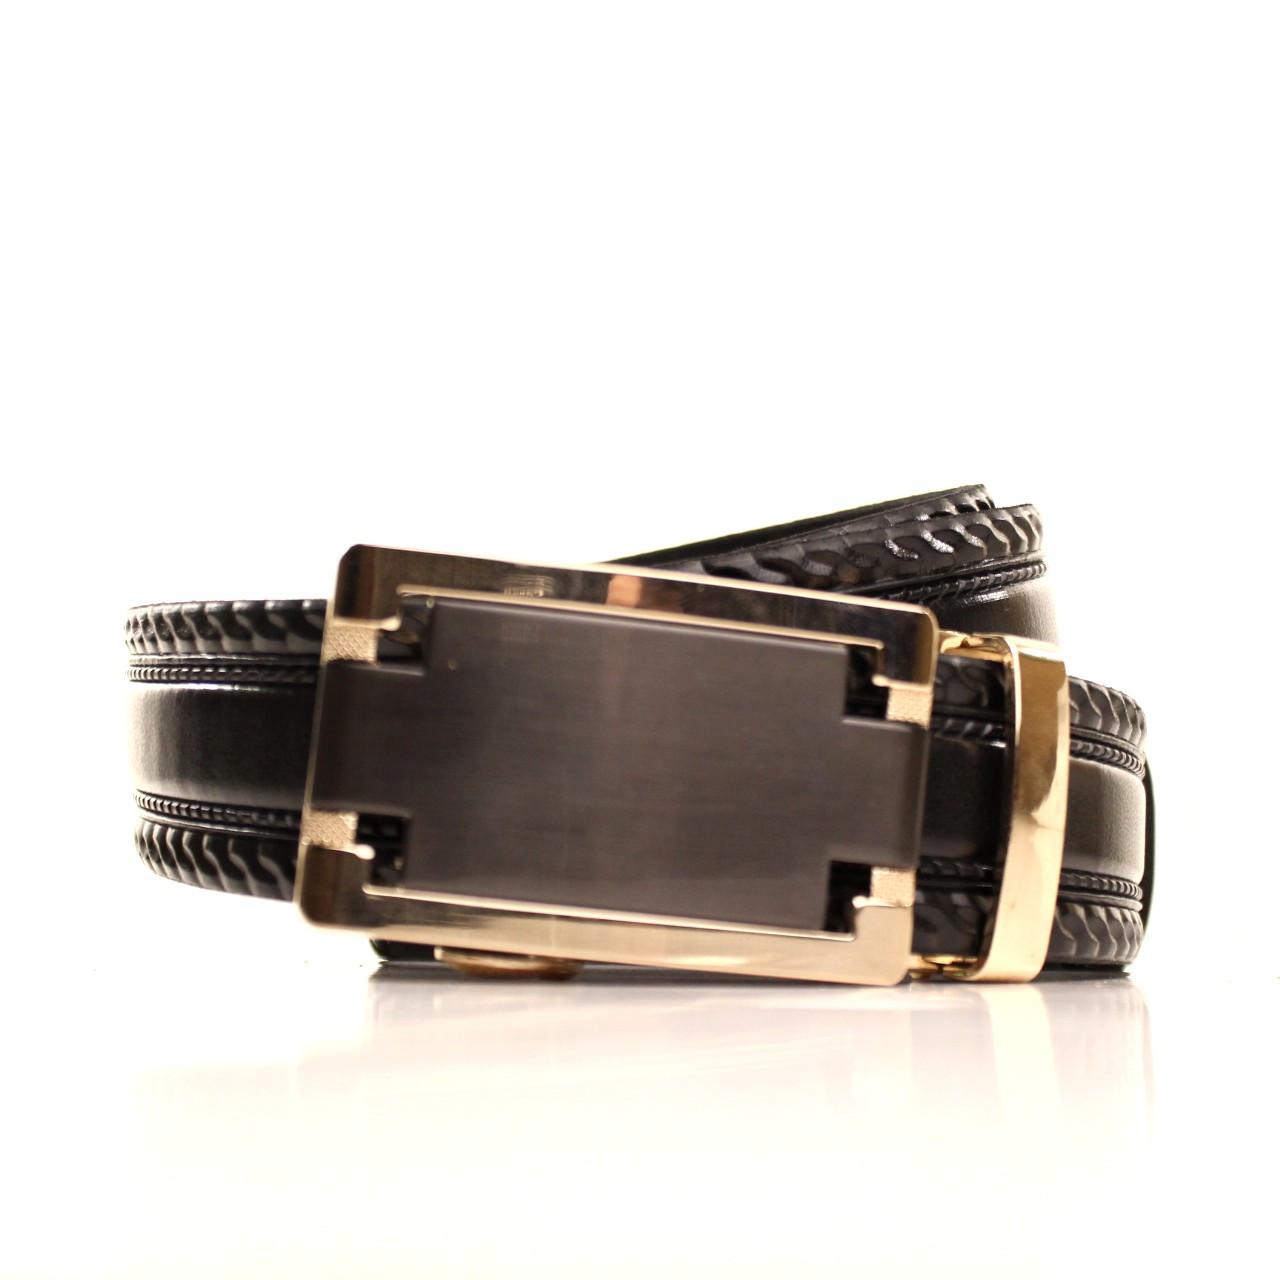 Ремень кожаный Lazar 105-115 см черный l35u1a157